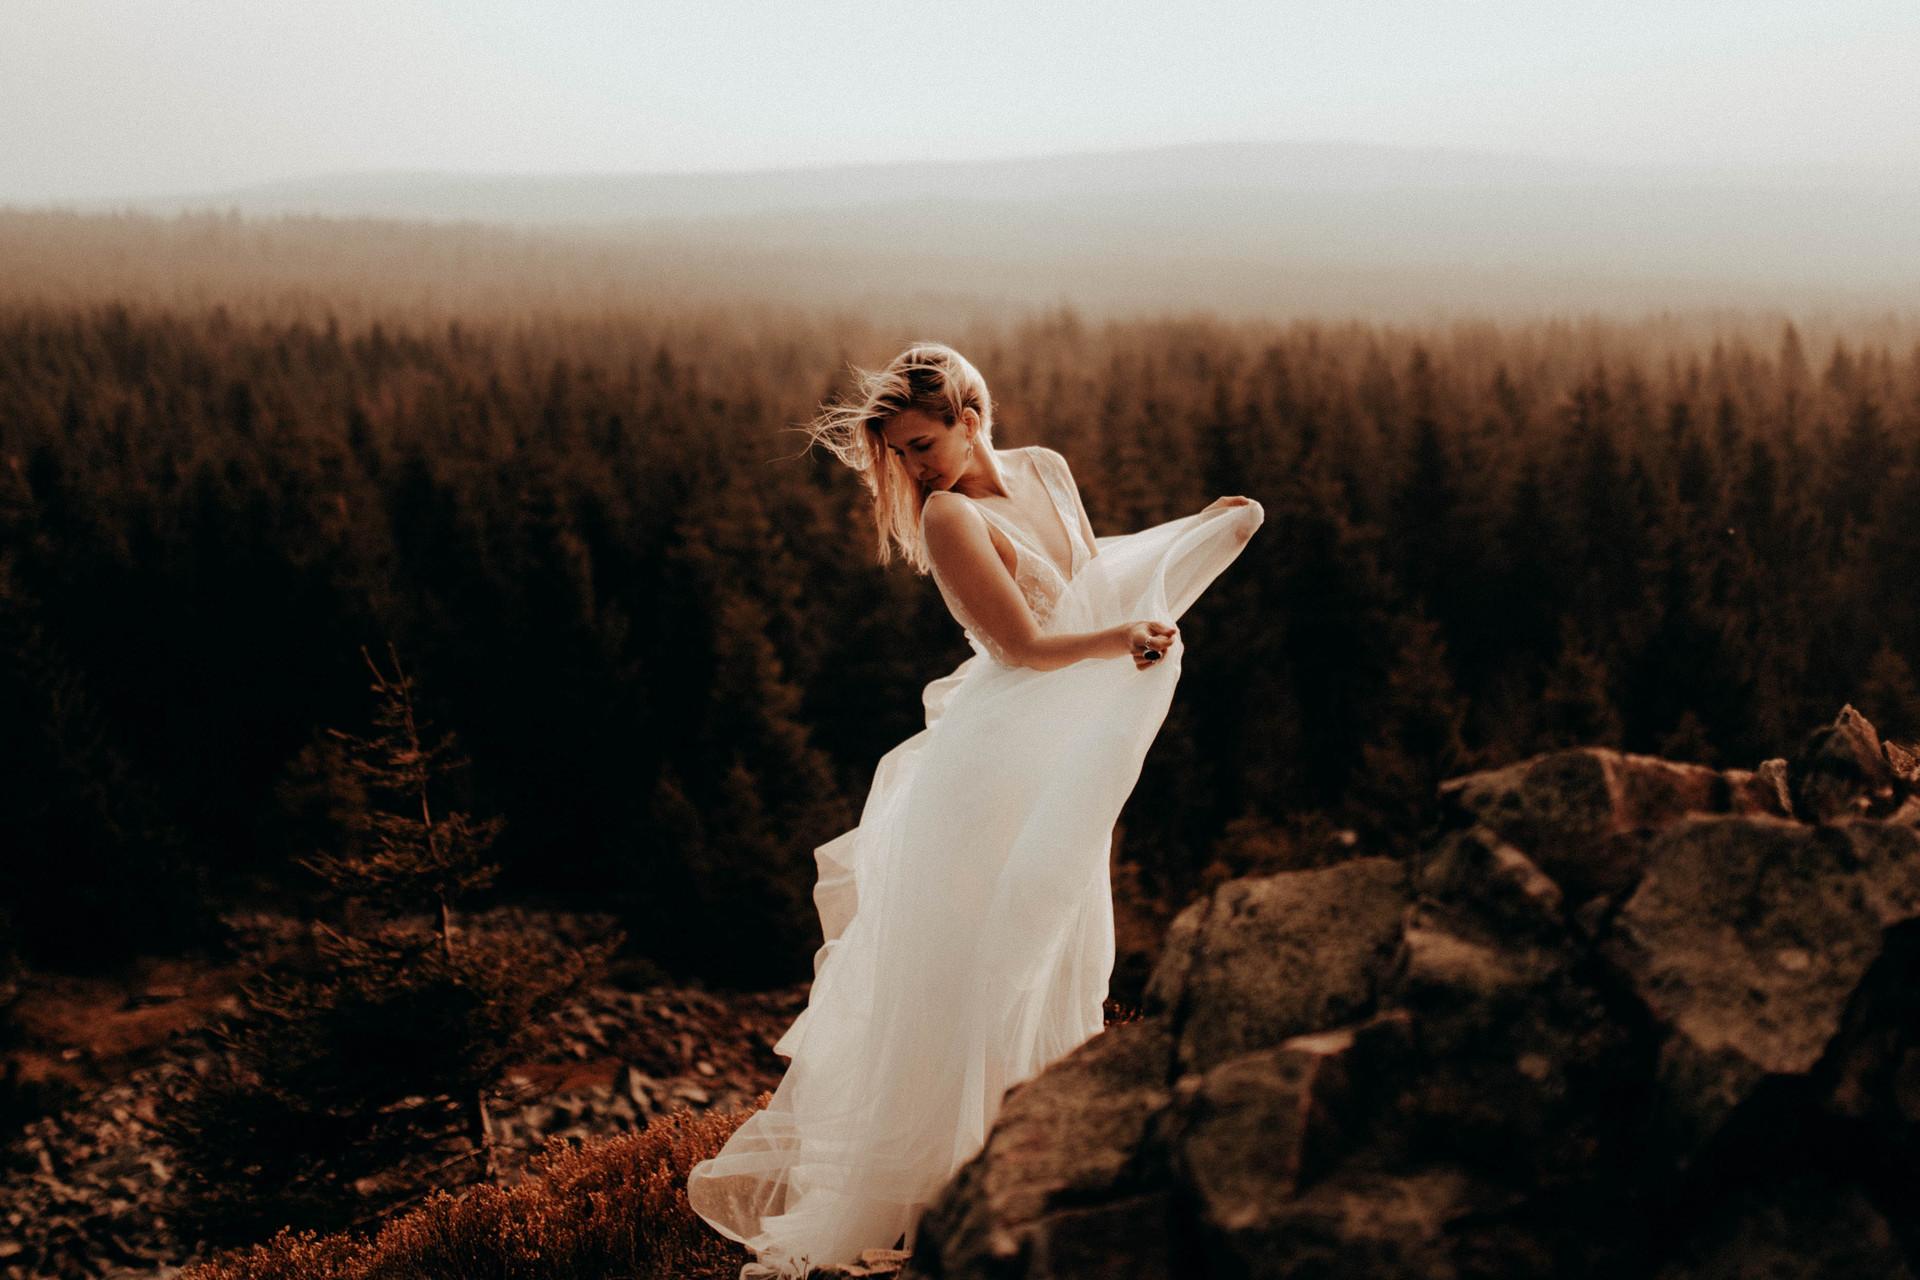 Harz-Brautkleid-Hochzeit-013.jpg